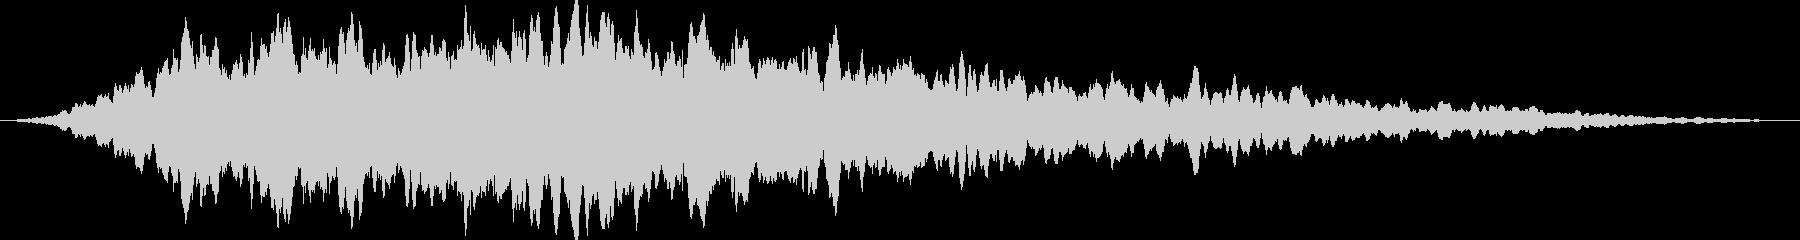 重低音のドローンの未再生の波形